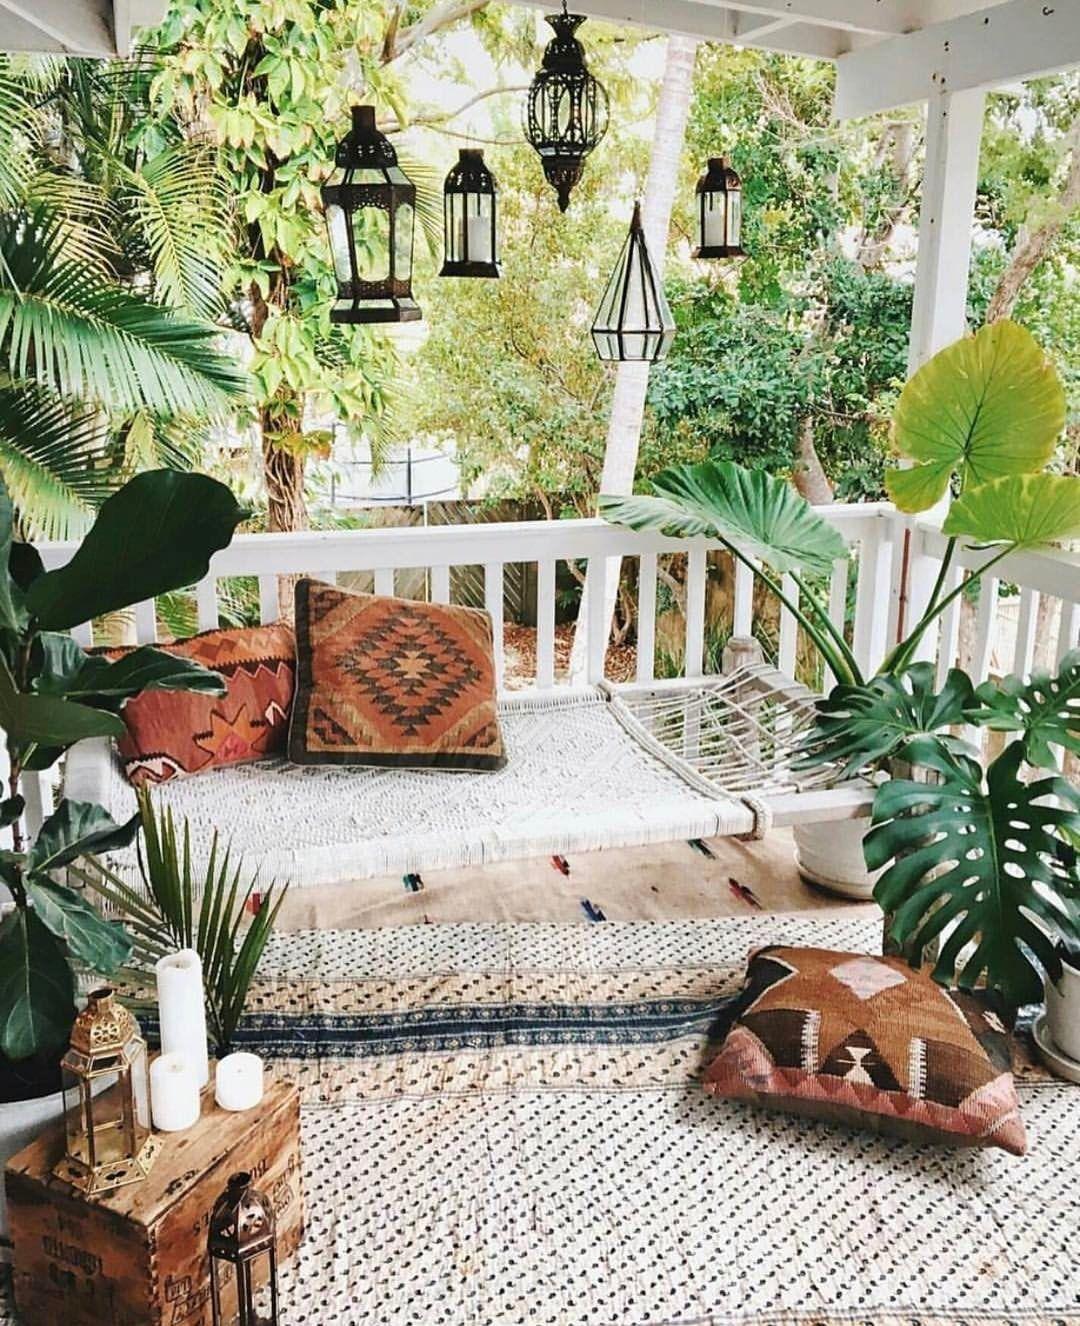 Kreative Wohnideen Selbst Gemacht Elegant Der Perfekte Gemütliche Balkon